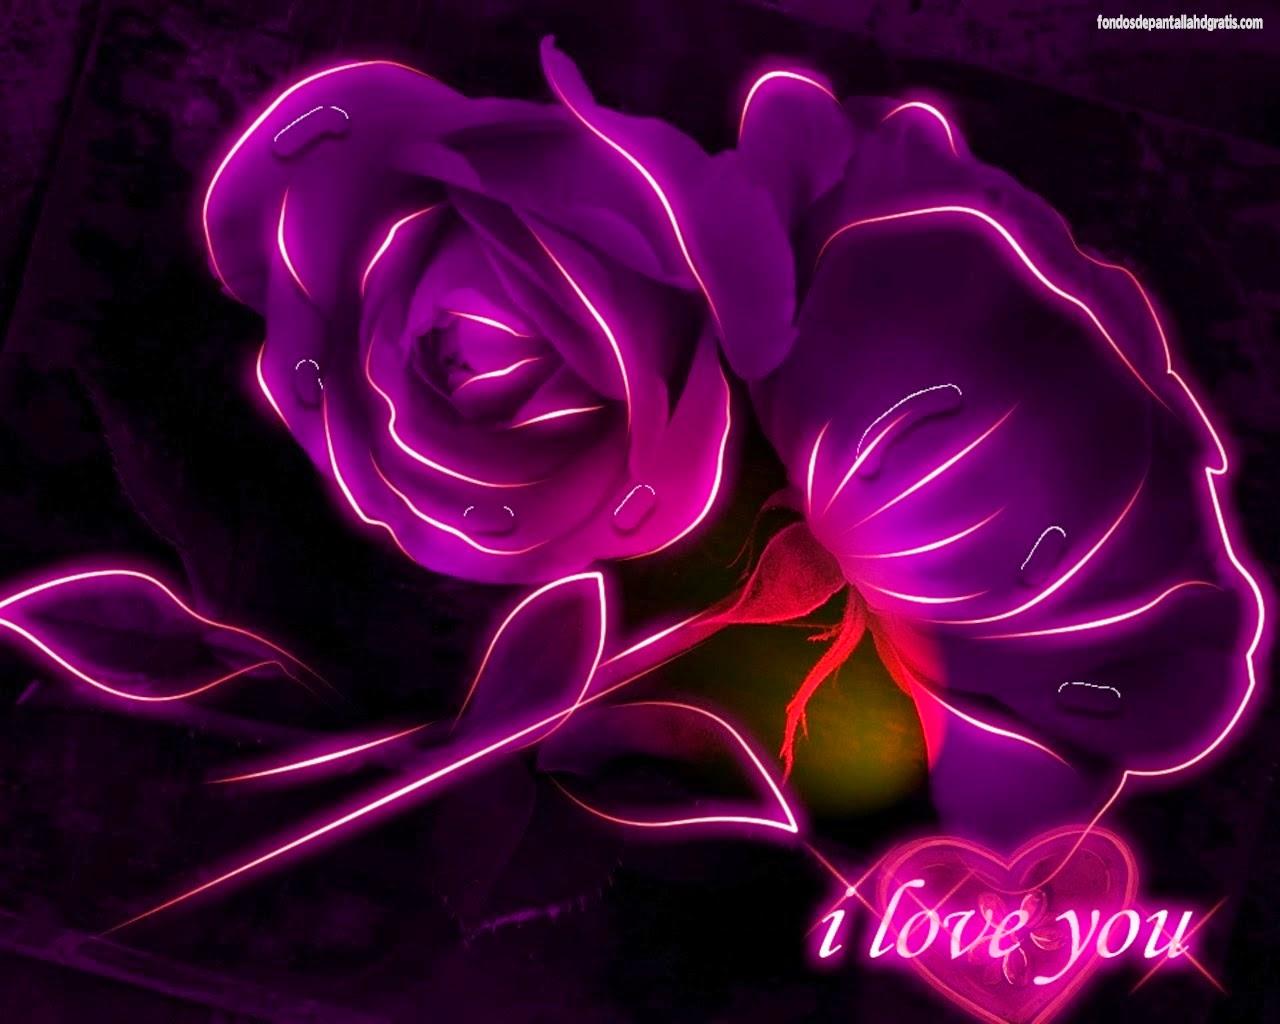 Imagenes chidas de todo tipo, amor, frases, romanticas animadas con movimiento